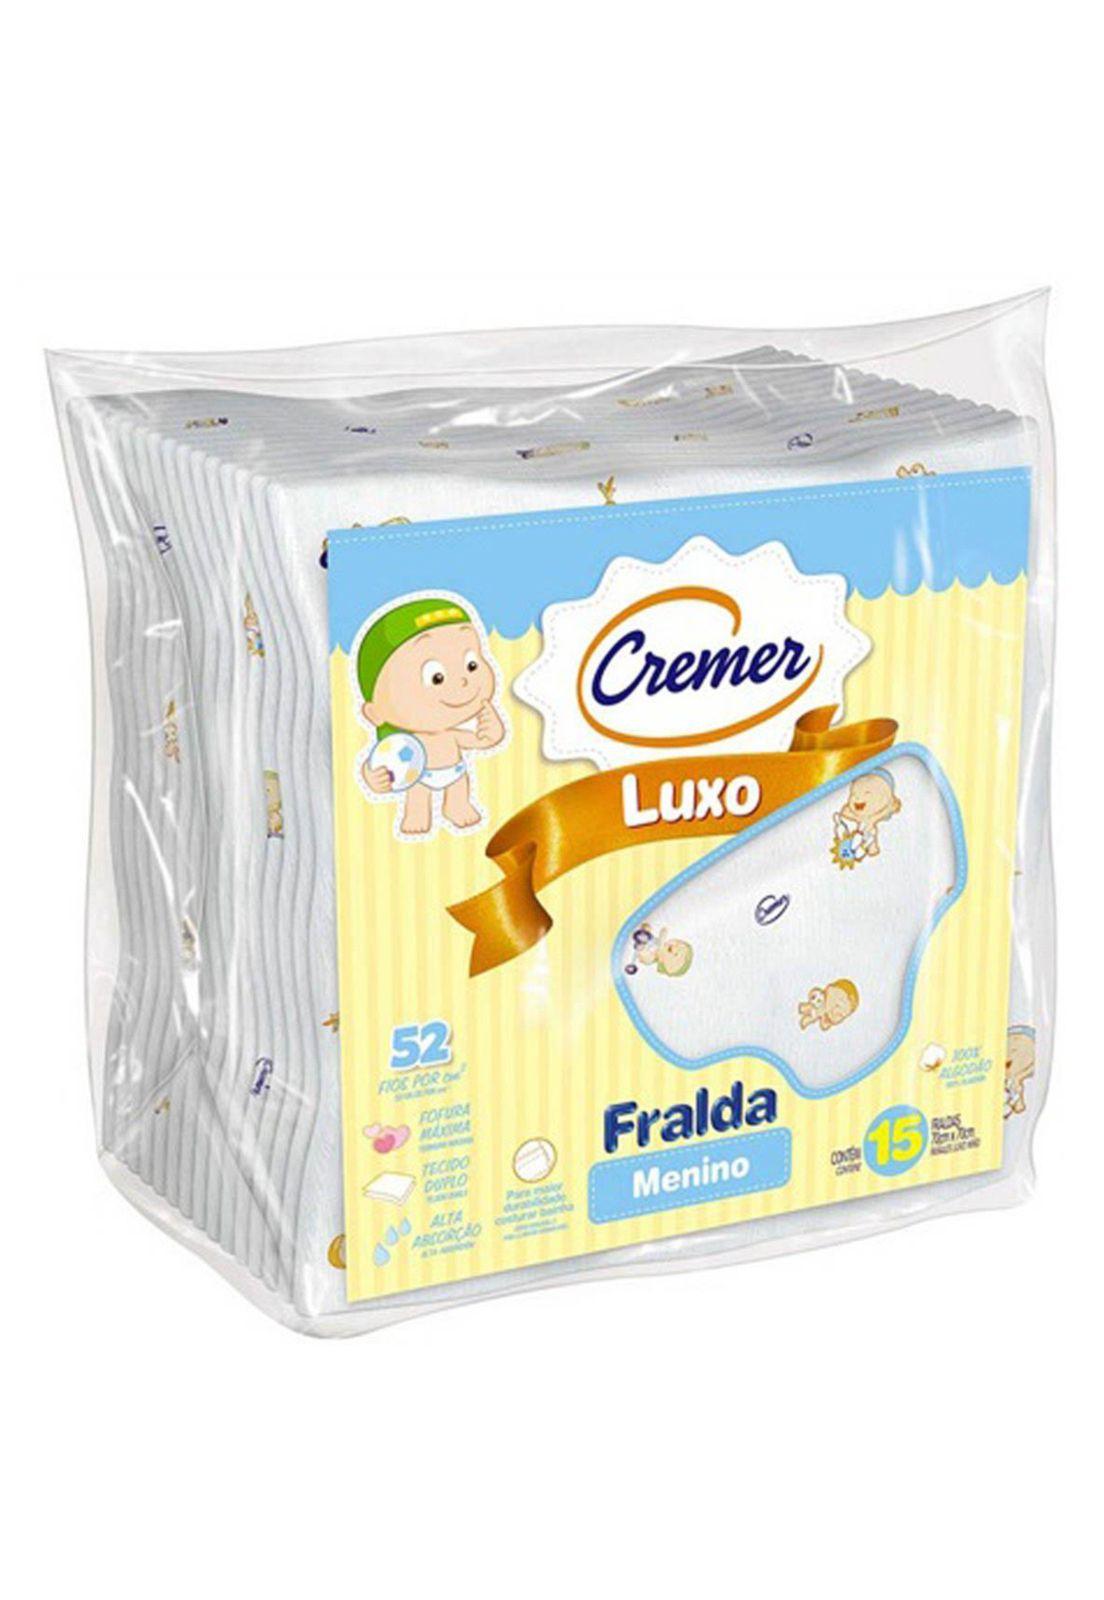 ae23de664f114a Fraldas de Pano Cremer Luxo Estampada Menino 15 Pçs Branco | Babys ...